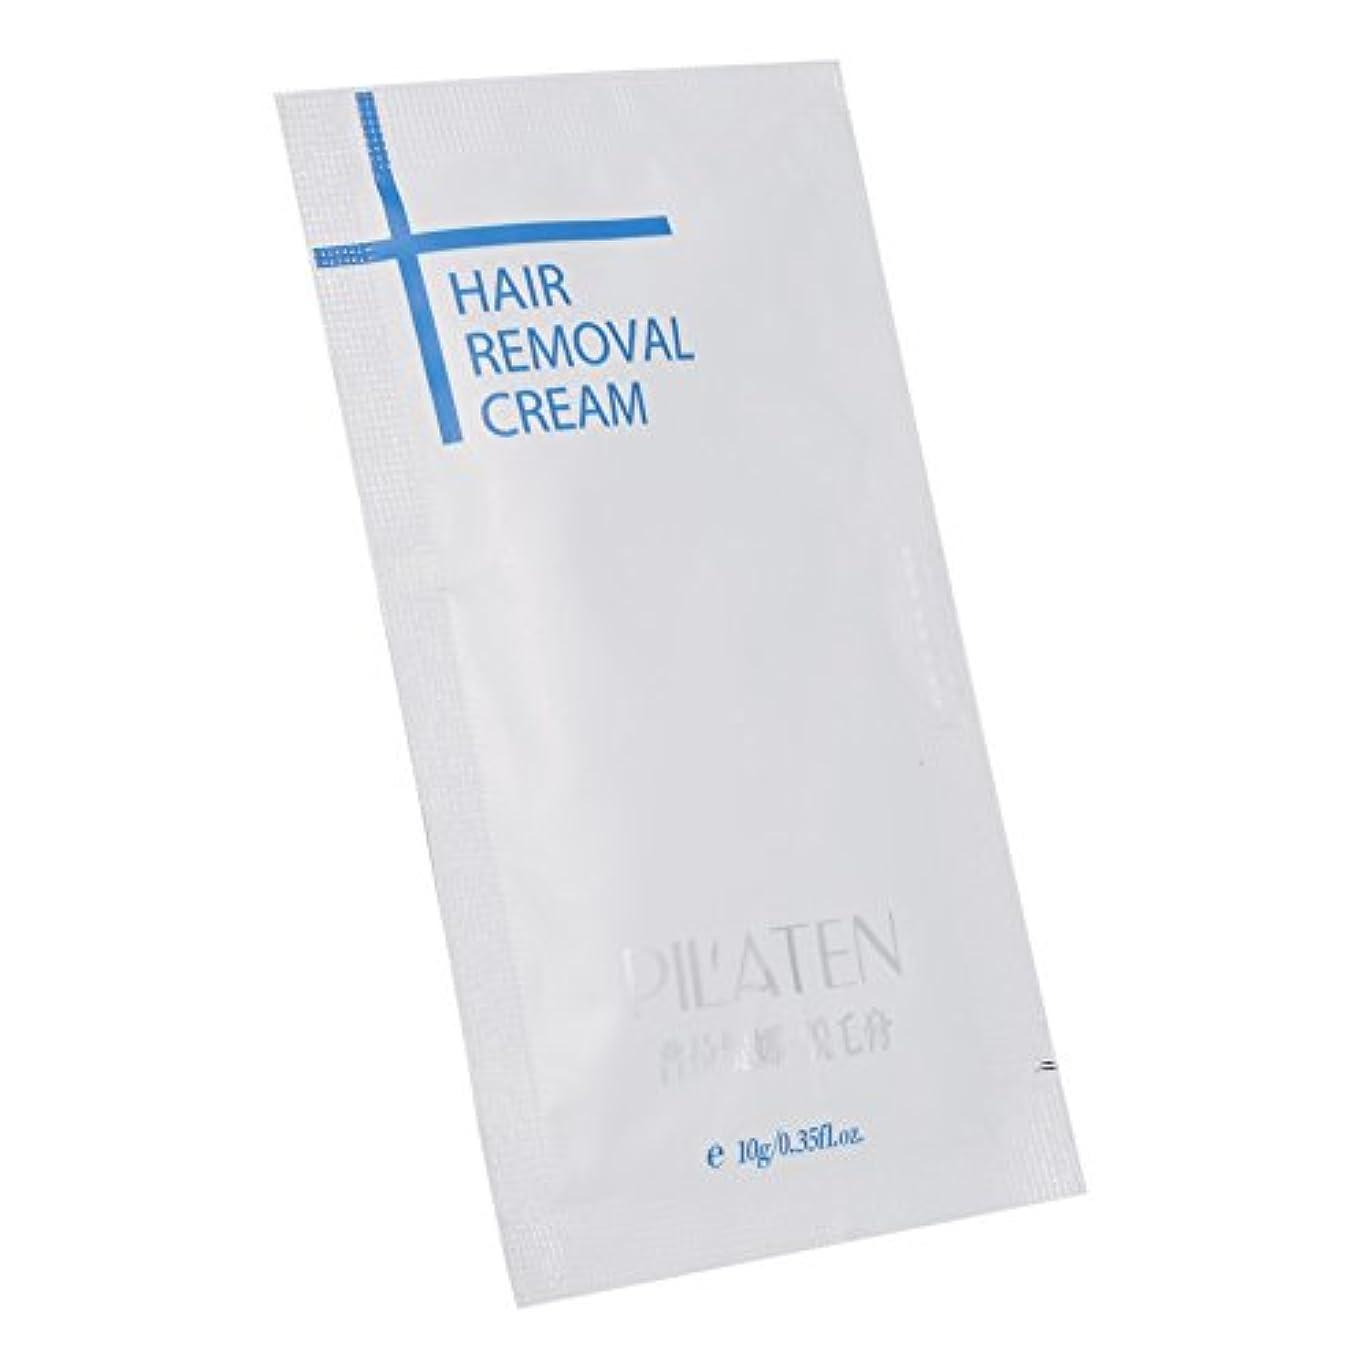 額鳥眩惑する脱毛クリーム、10個の女性の女性の脱毛クリーム脇の下の脚アームのボディの健康美容脱毛ペースト (1Pc)